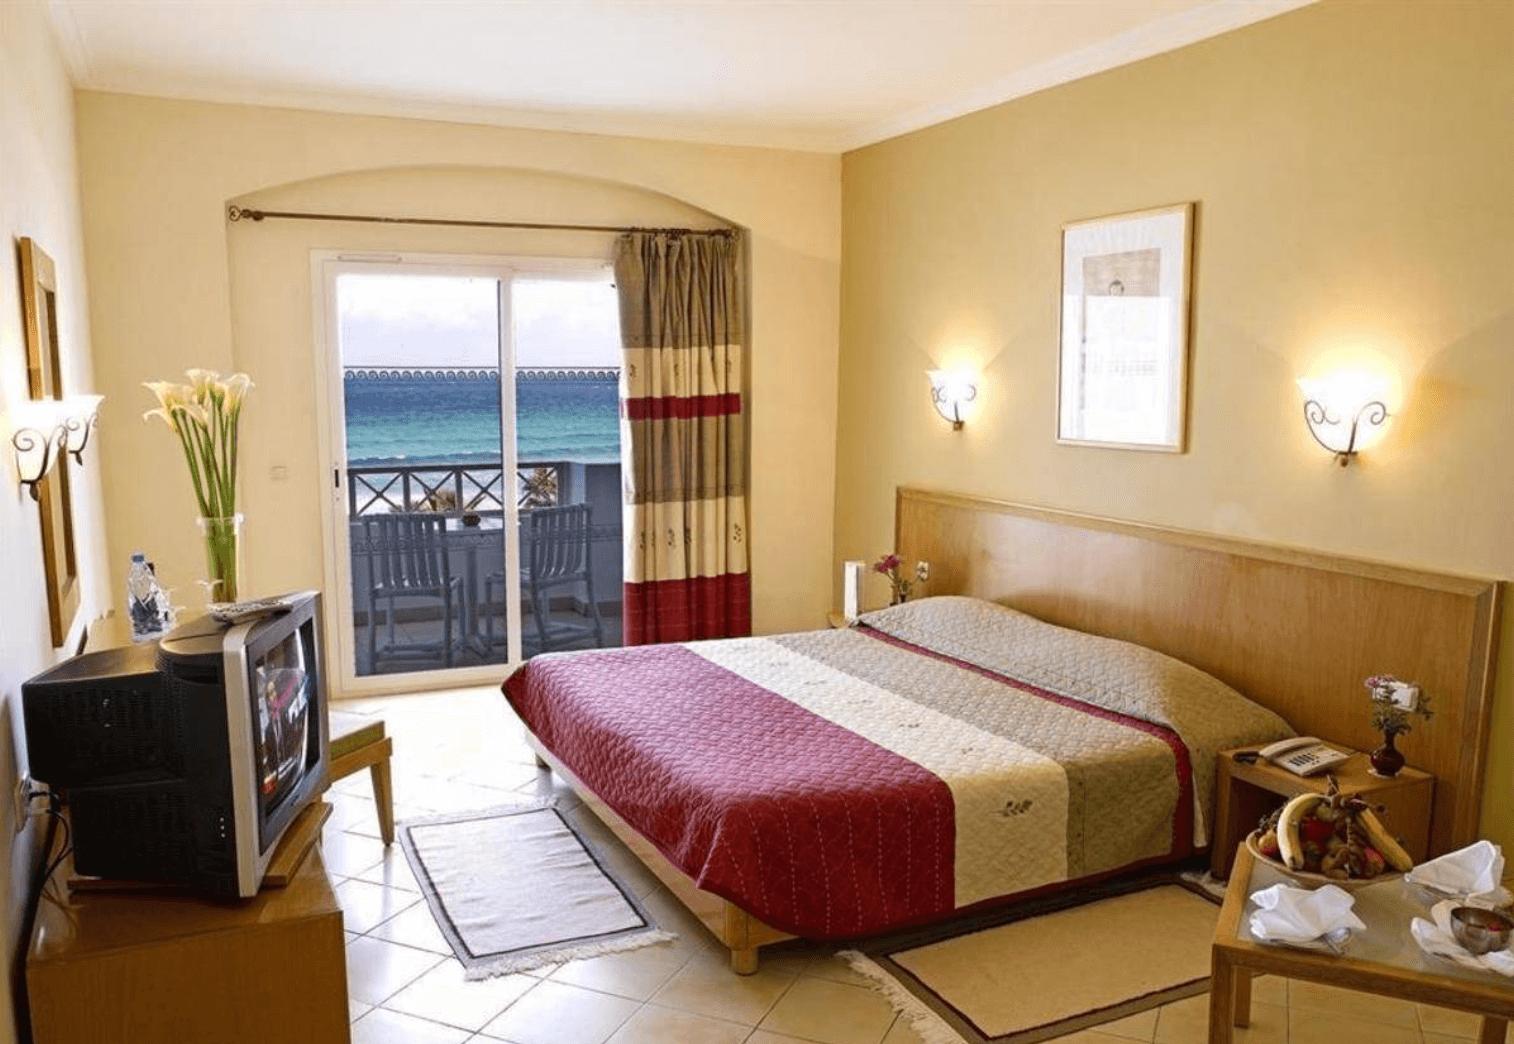 Тур в Махдию в отель Thalassa Mahdia 4* (Тунис) на 11 ночей с 05.05.19 от 54 383 рублей (AL) на двоих